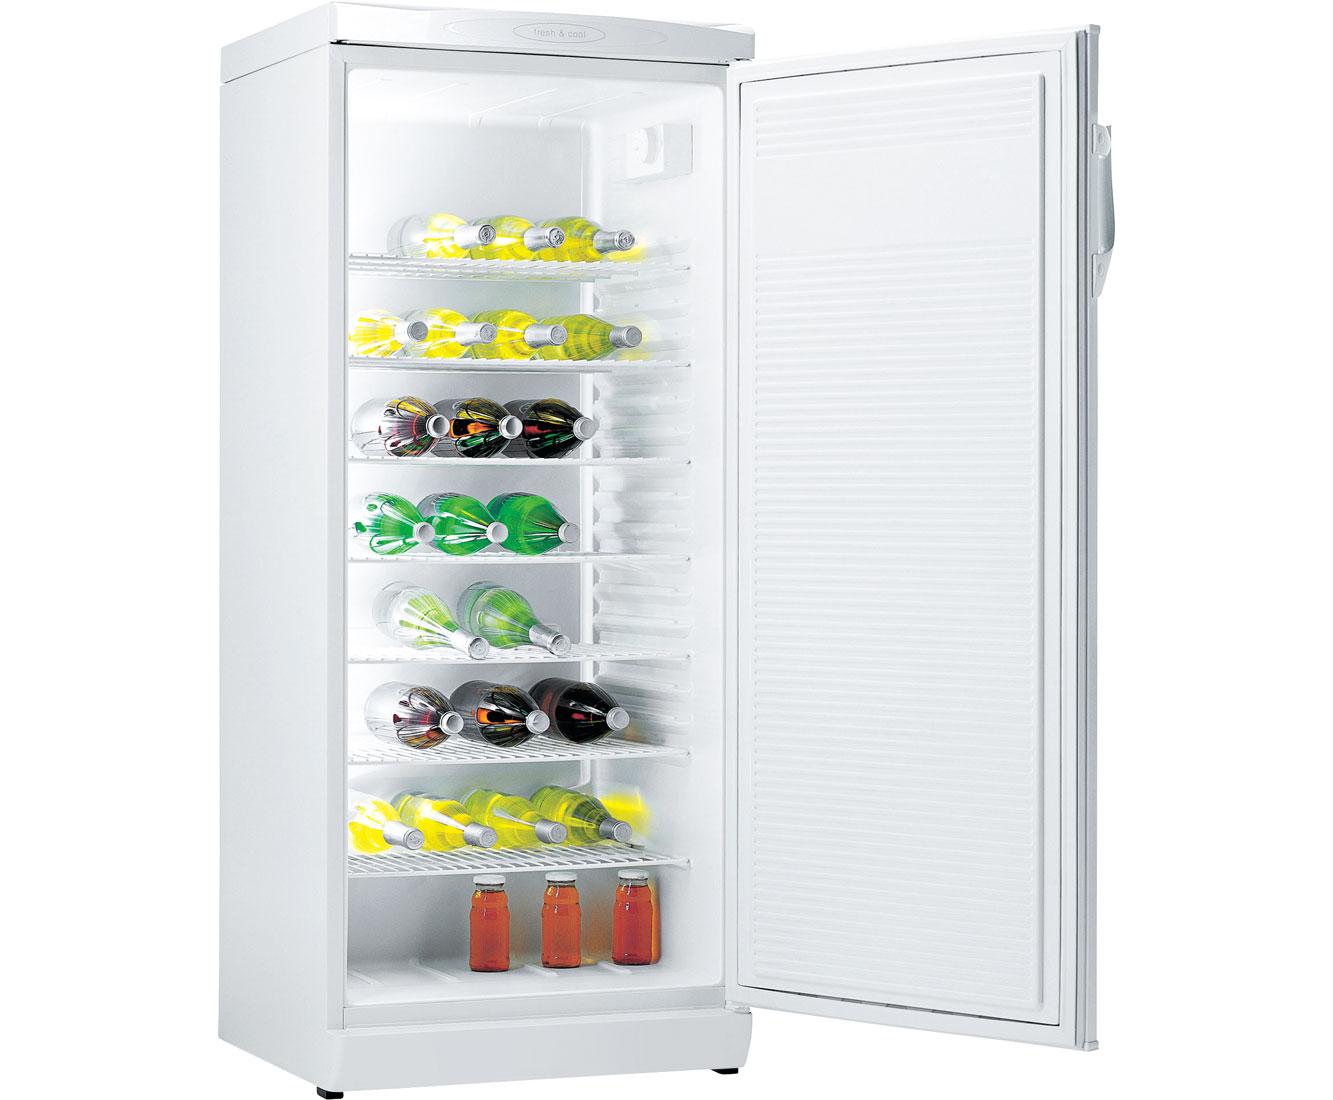 Gorenje Kühlschrank Schalter Funktion : Gorenje rvc w kühlschrank weiß a